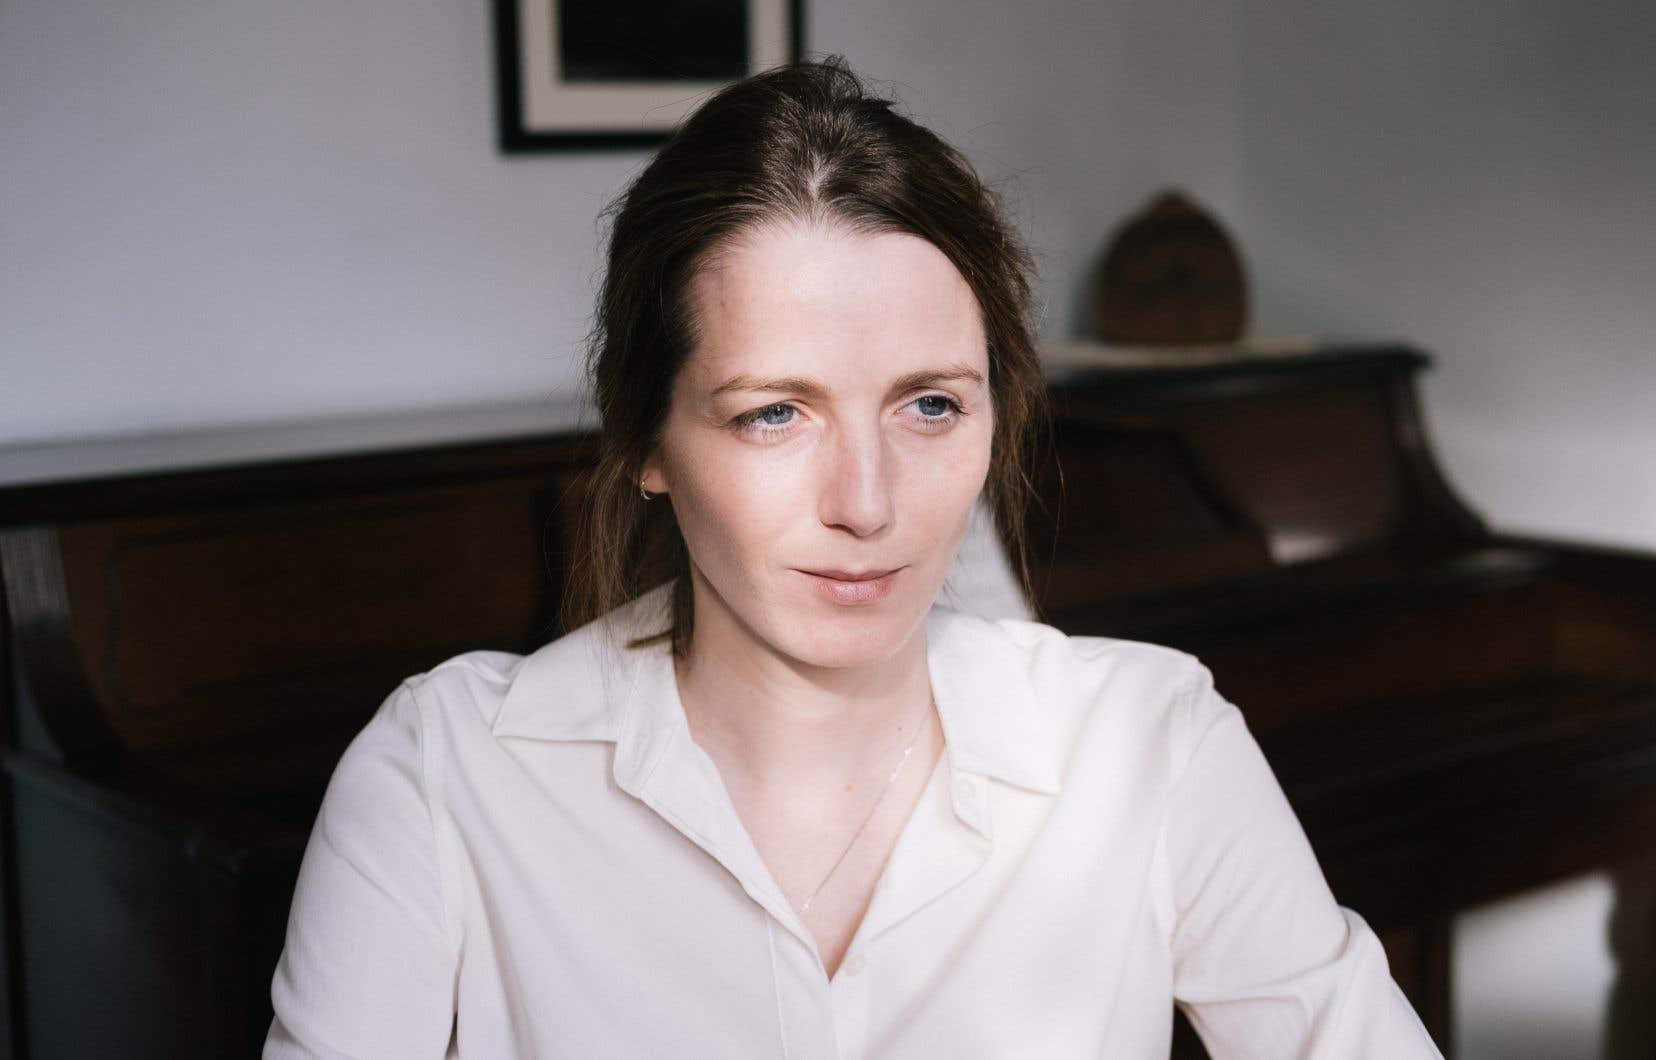 Originaire d'un petit village de Lanaudière, Mélissa Grégoire enseigne le français et la littérature au cégep de L'Assomption.